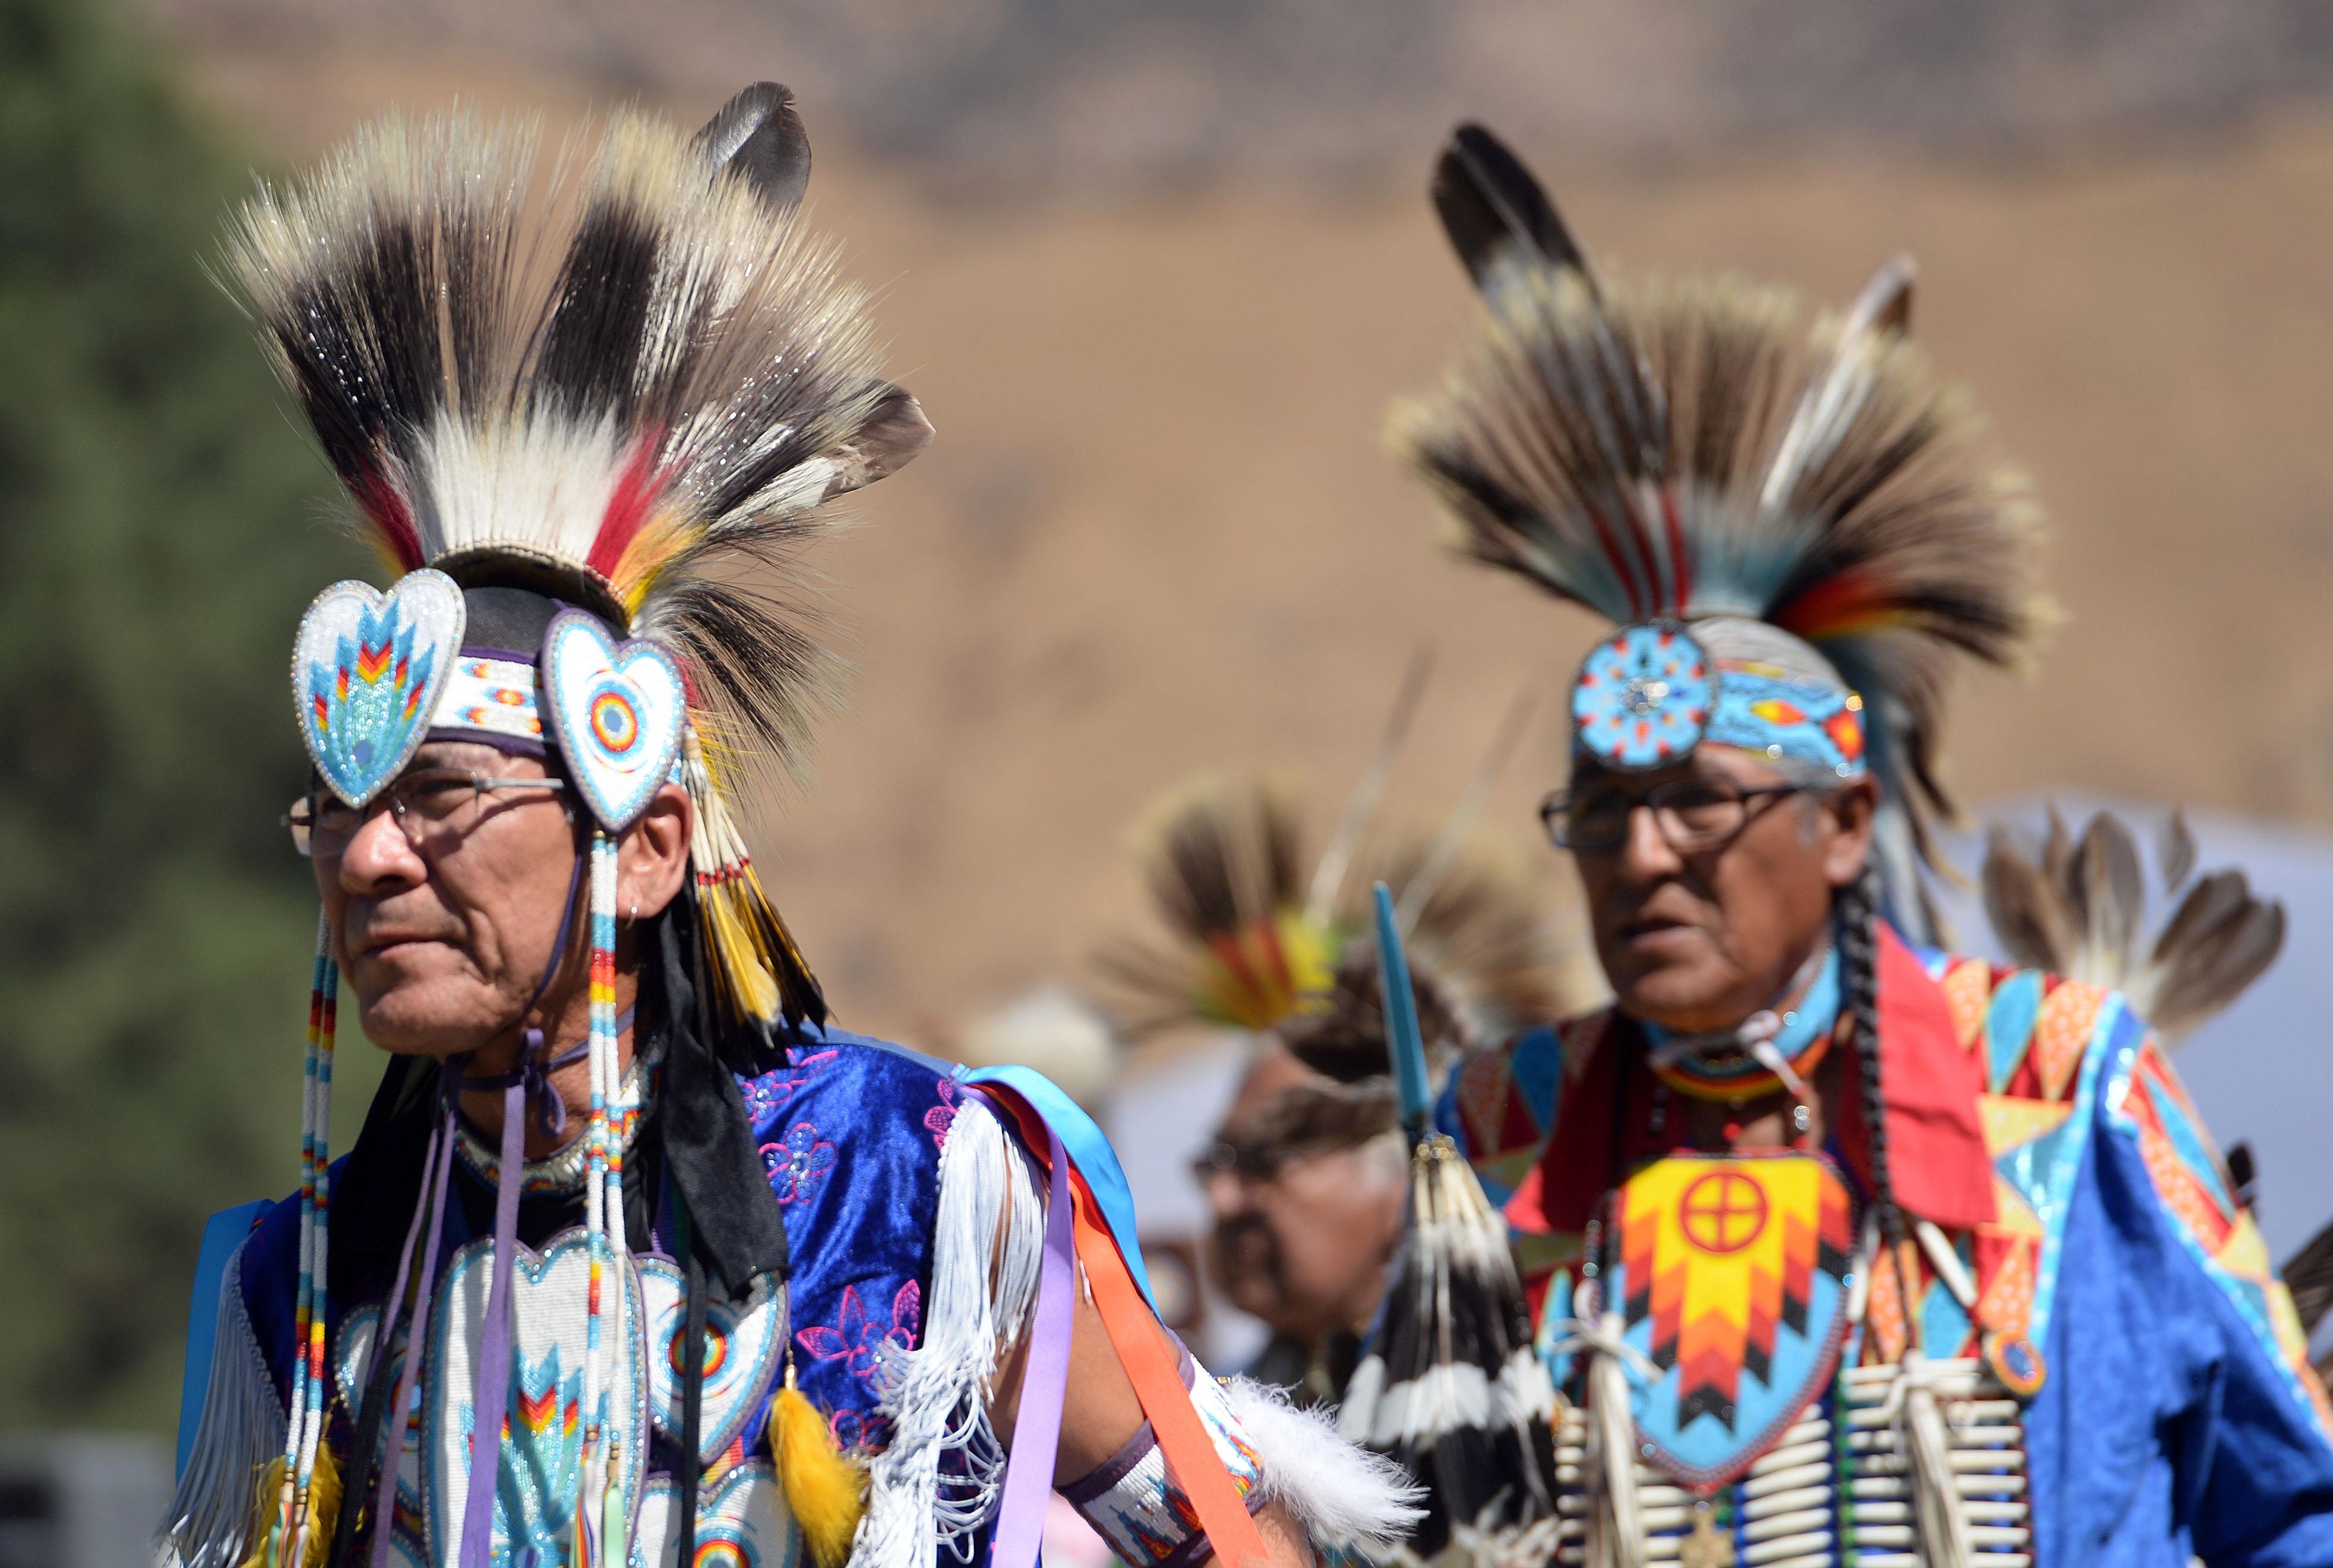 пирог мультиварке фото сравнение индейцев разных племен прошлой жизни был